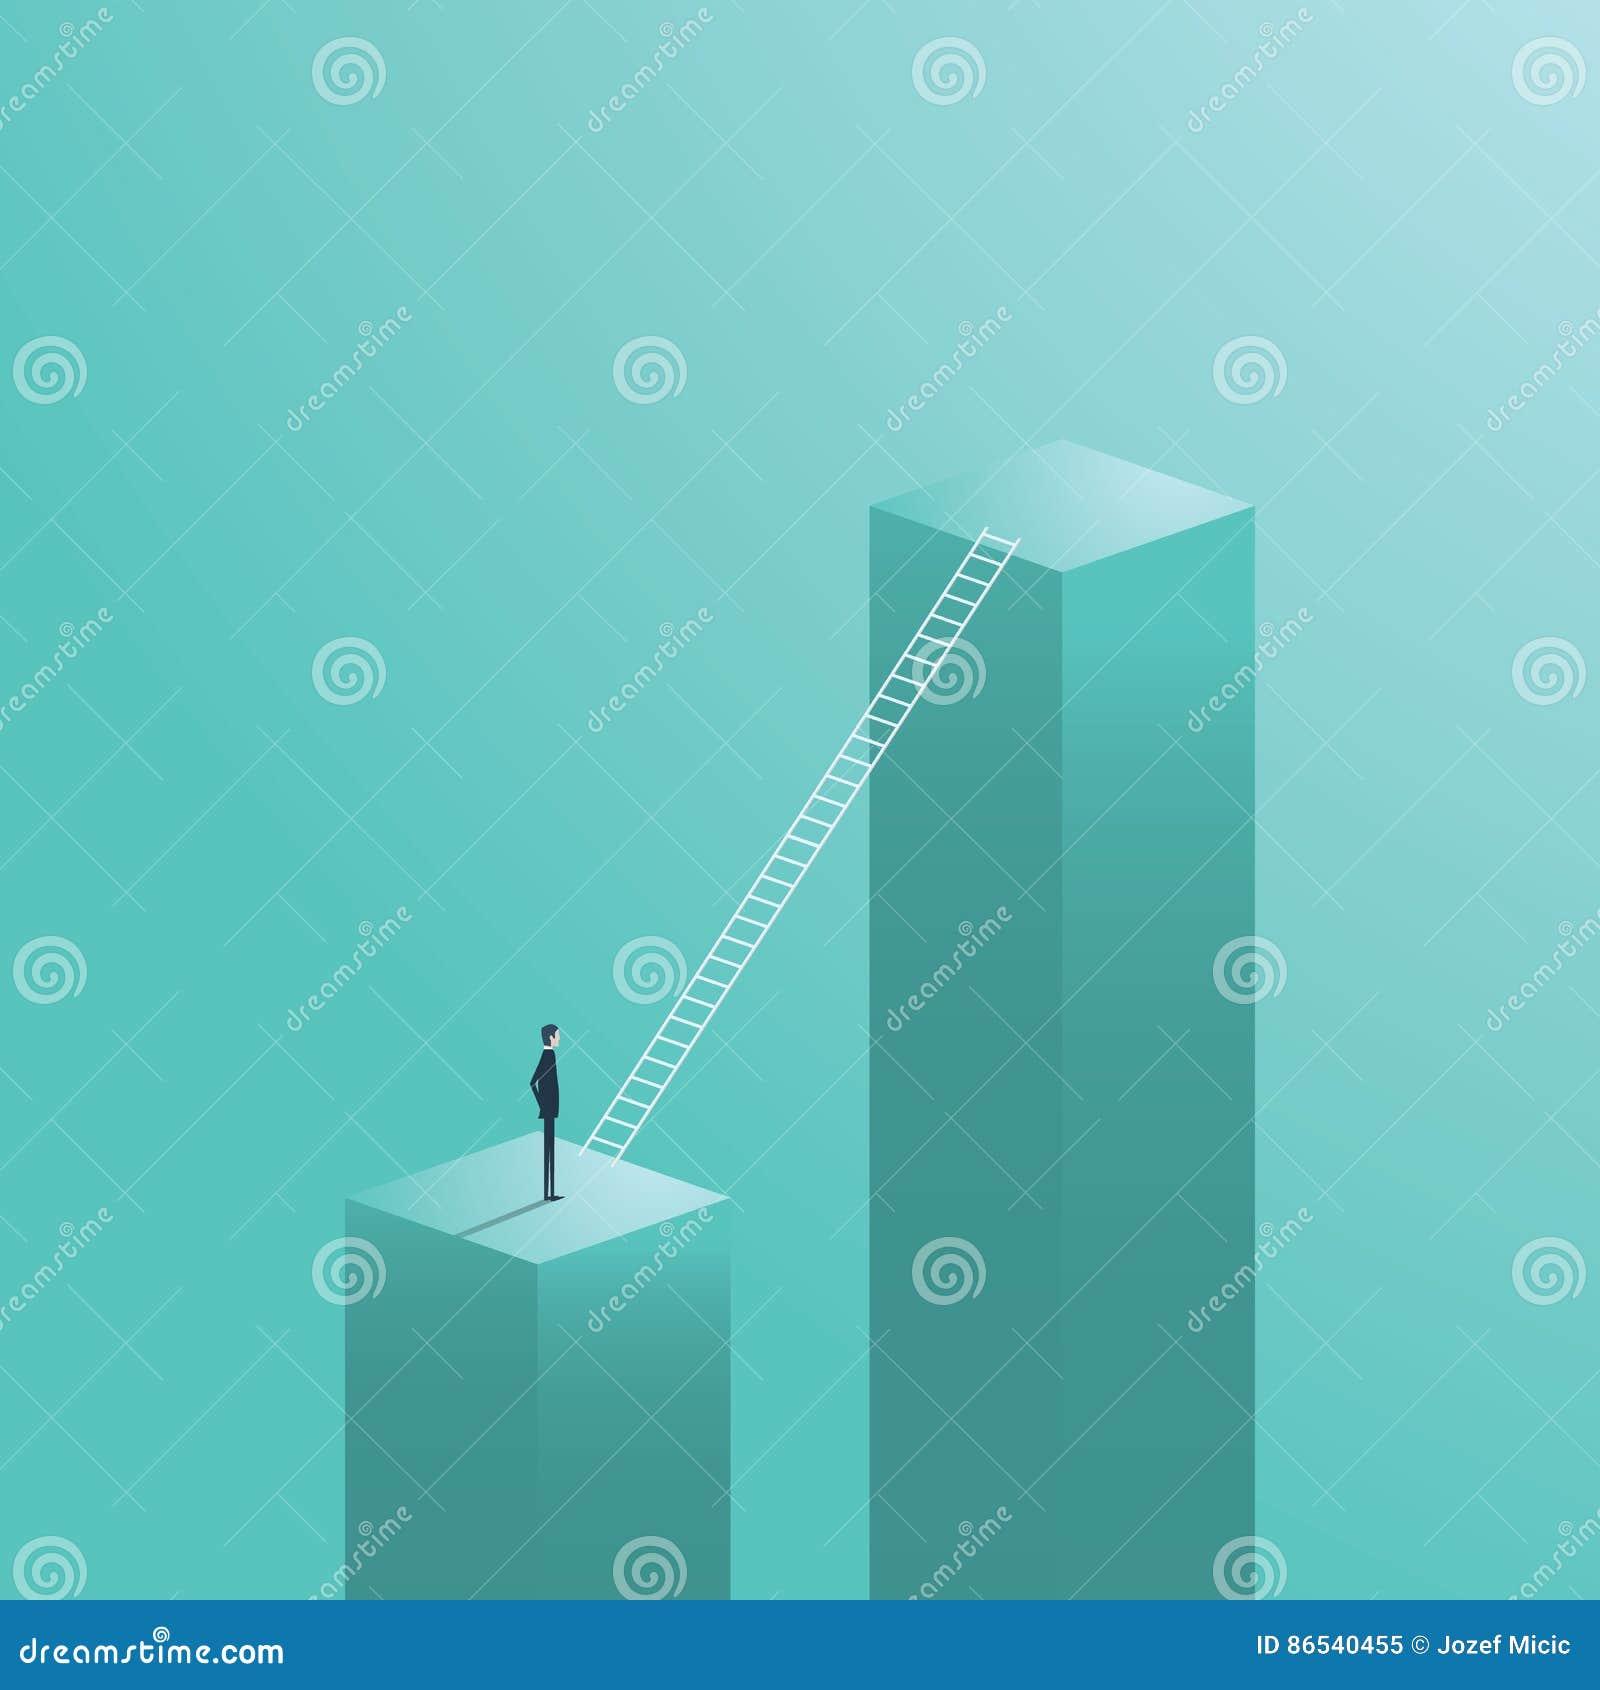 Bedrijfscarrièrebeweging, kans met zakenman status naast collectief laddersymbool